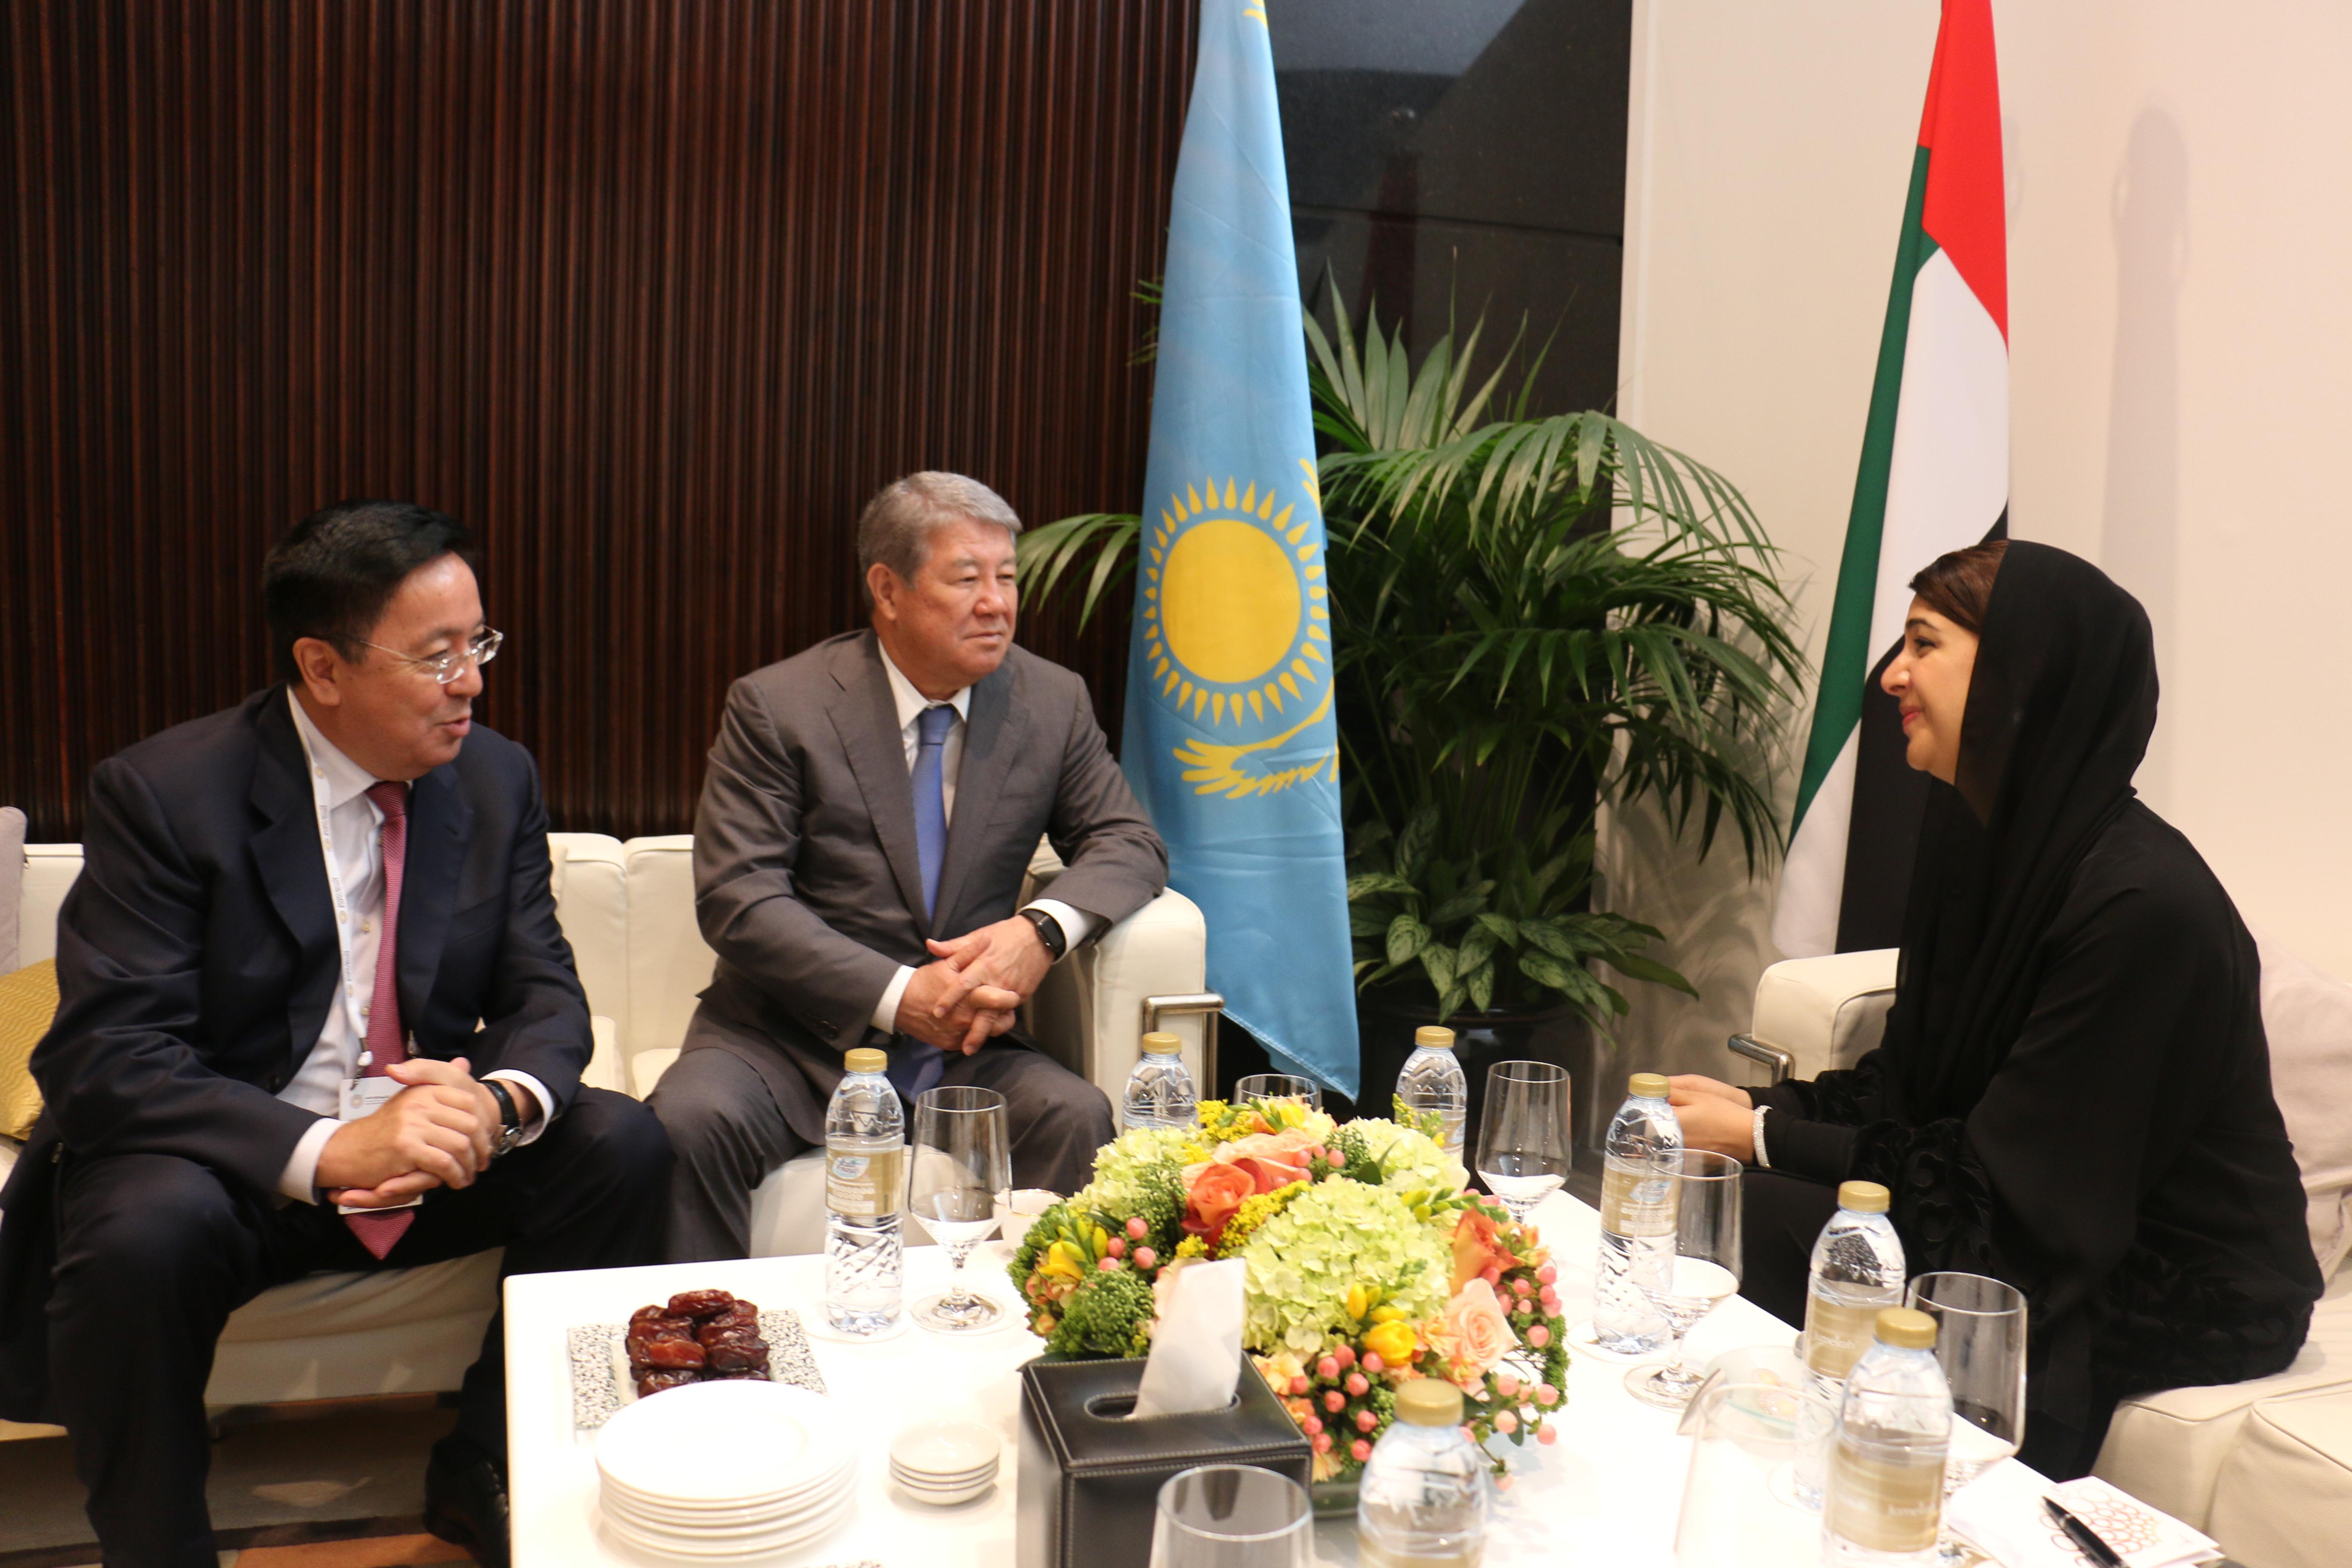 «ЭКСПО-2017 Астана» и «ЕХРО-2020 Дубай» подписали соглашения о сотрудничестве